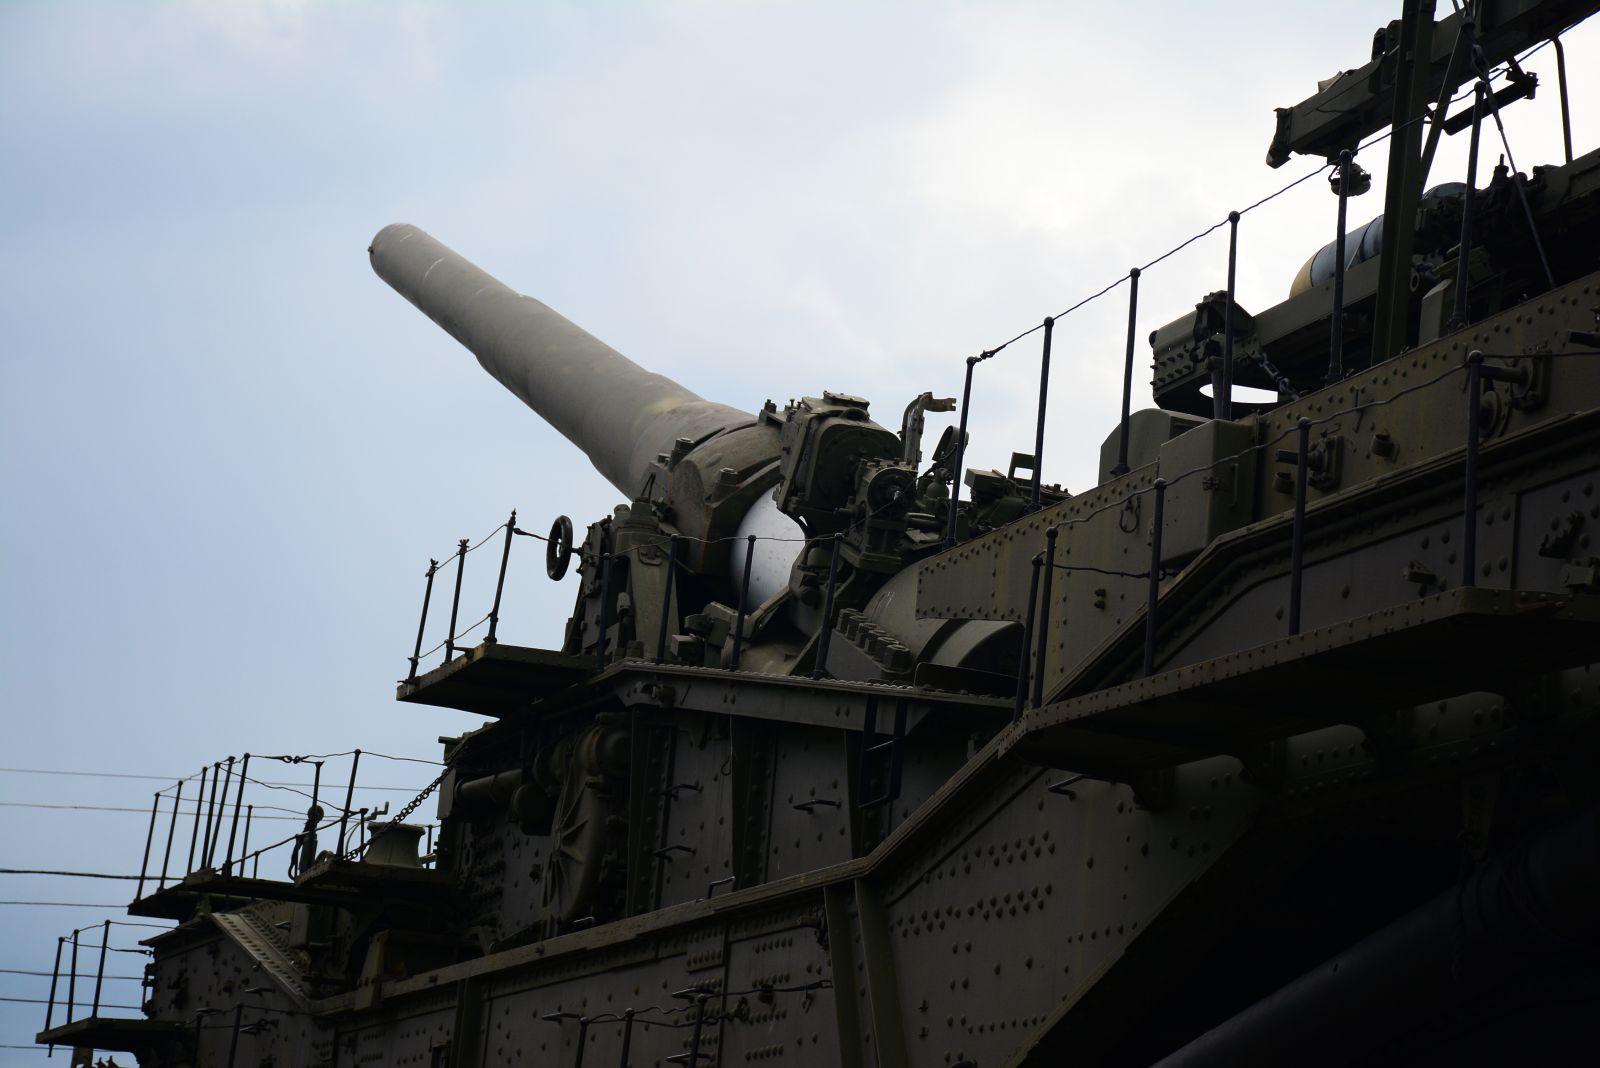 305 мм морская железнодорожная артиллерийская установка-транспортёр ТМ-3-12 (СССР)